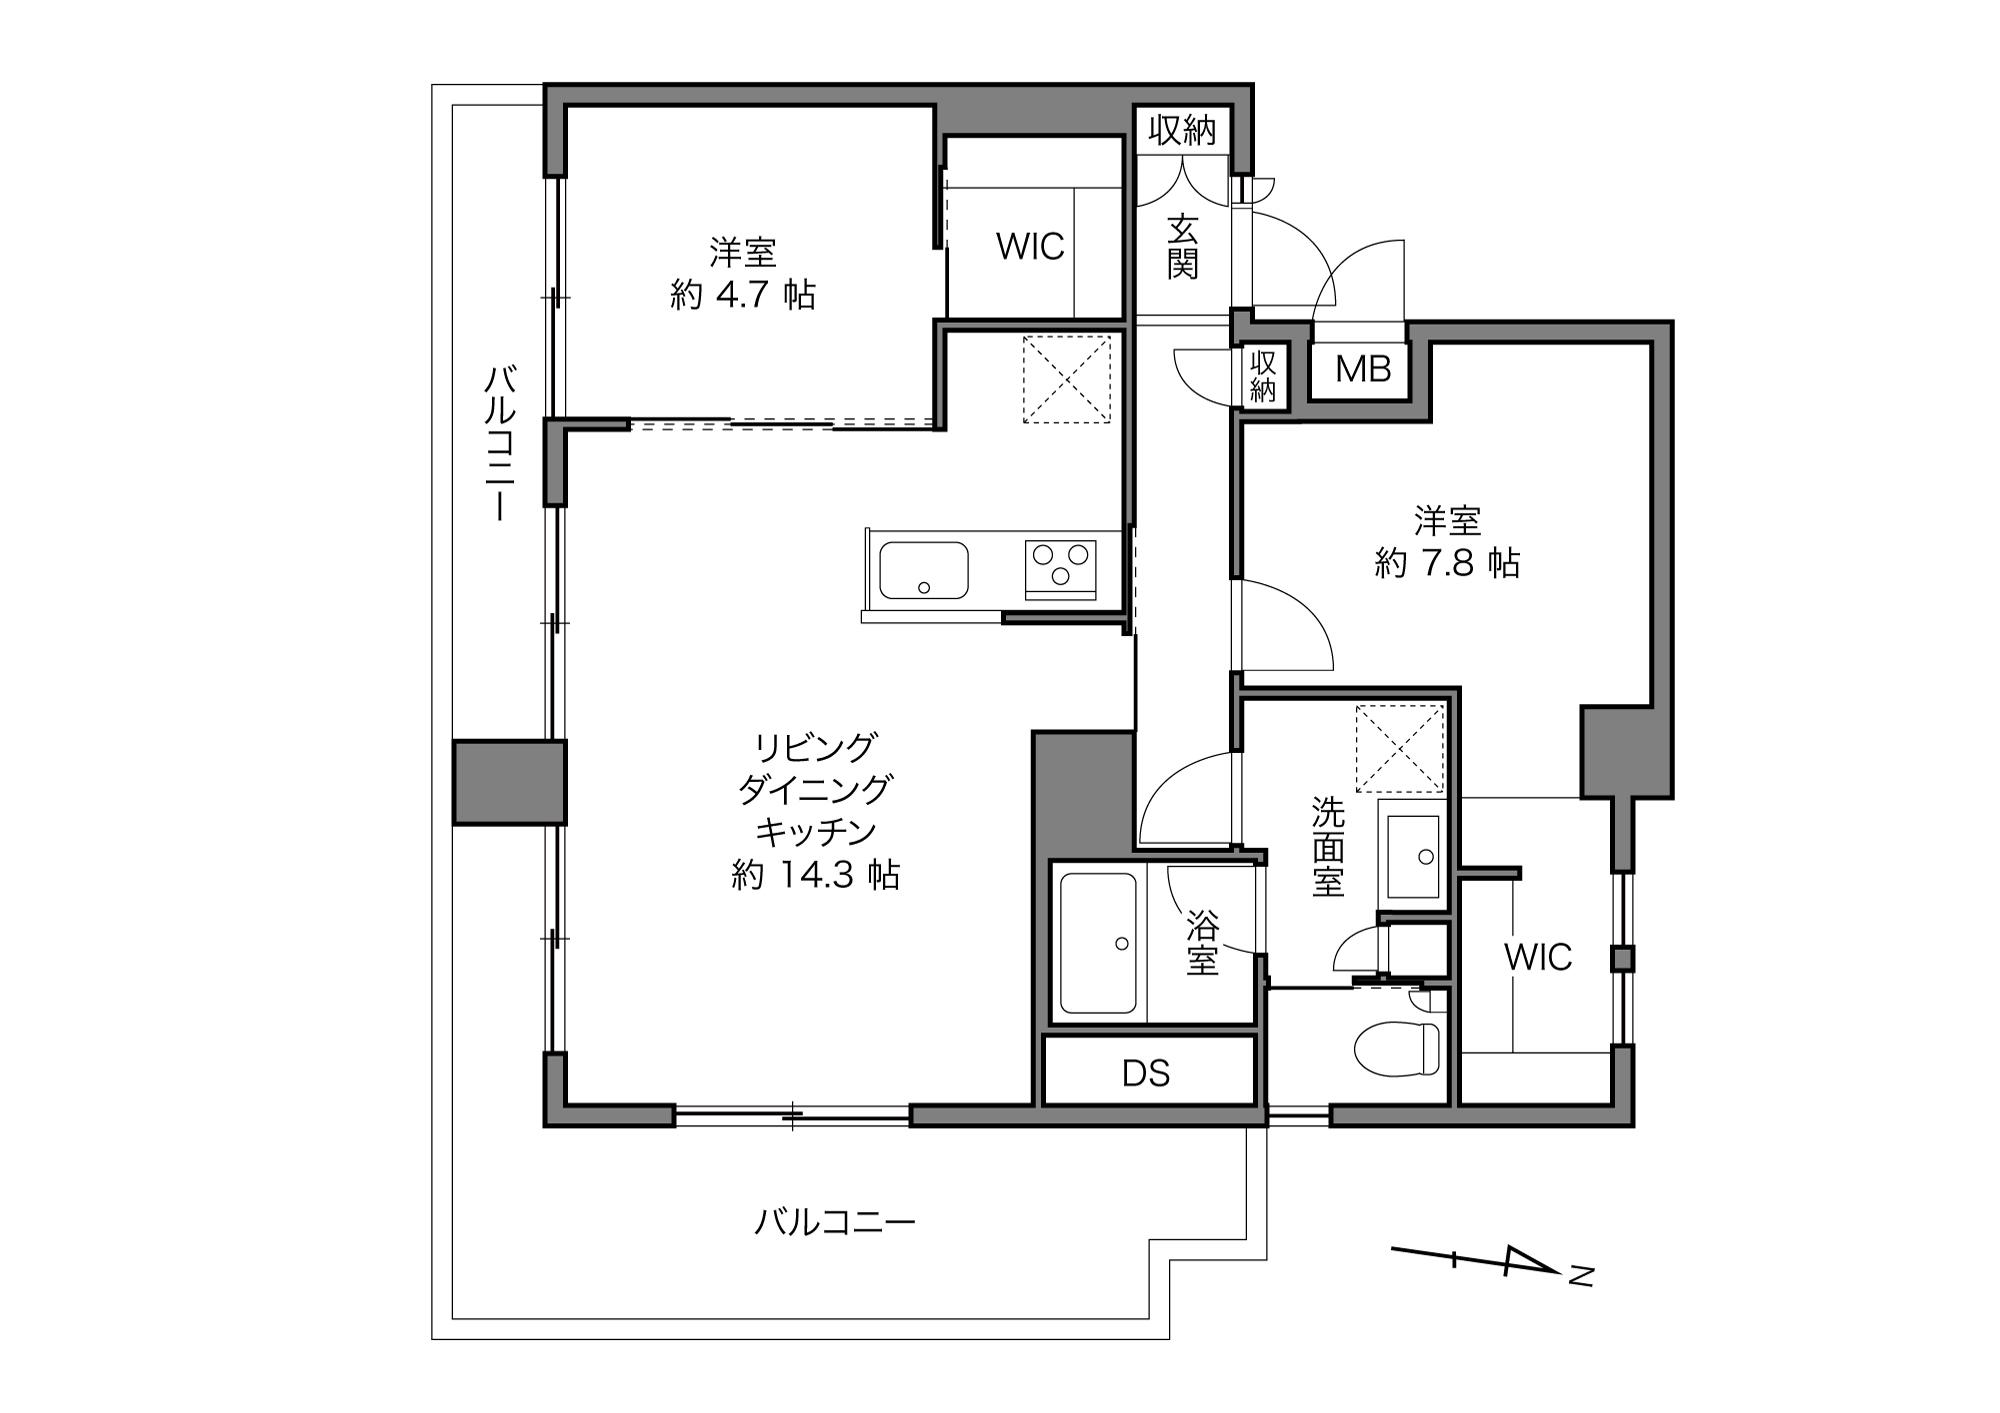 三軒茶屋駅 / 2LDK+2WIC / 60.72㎡